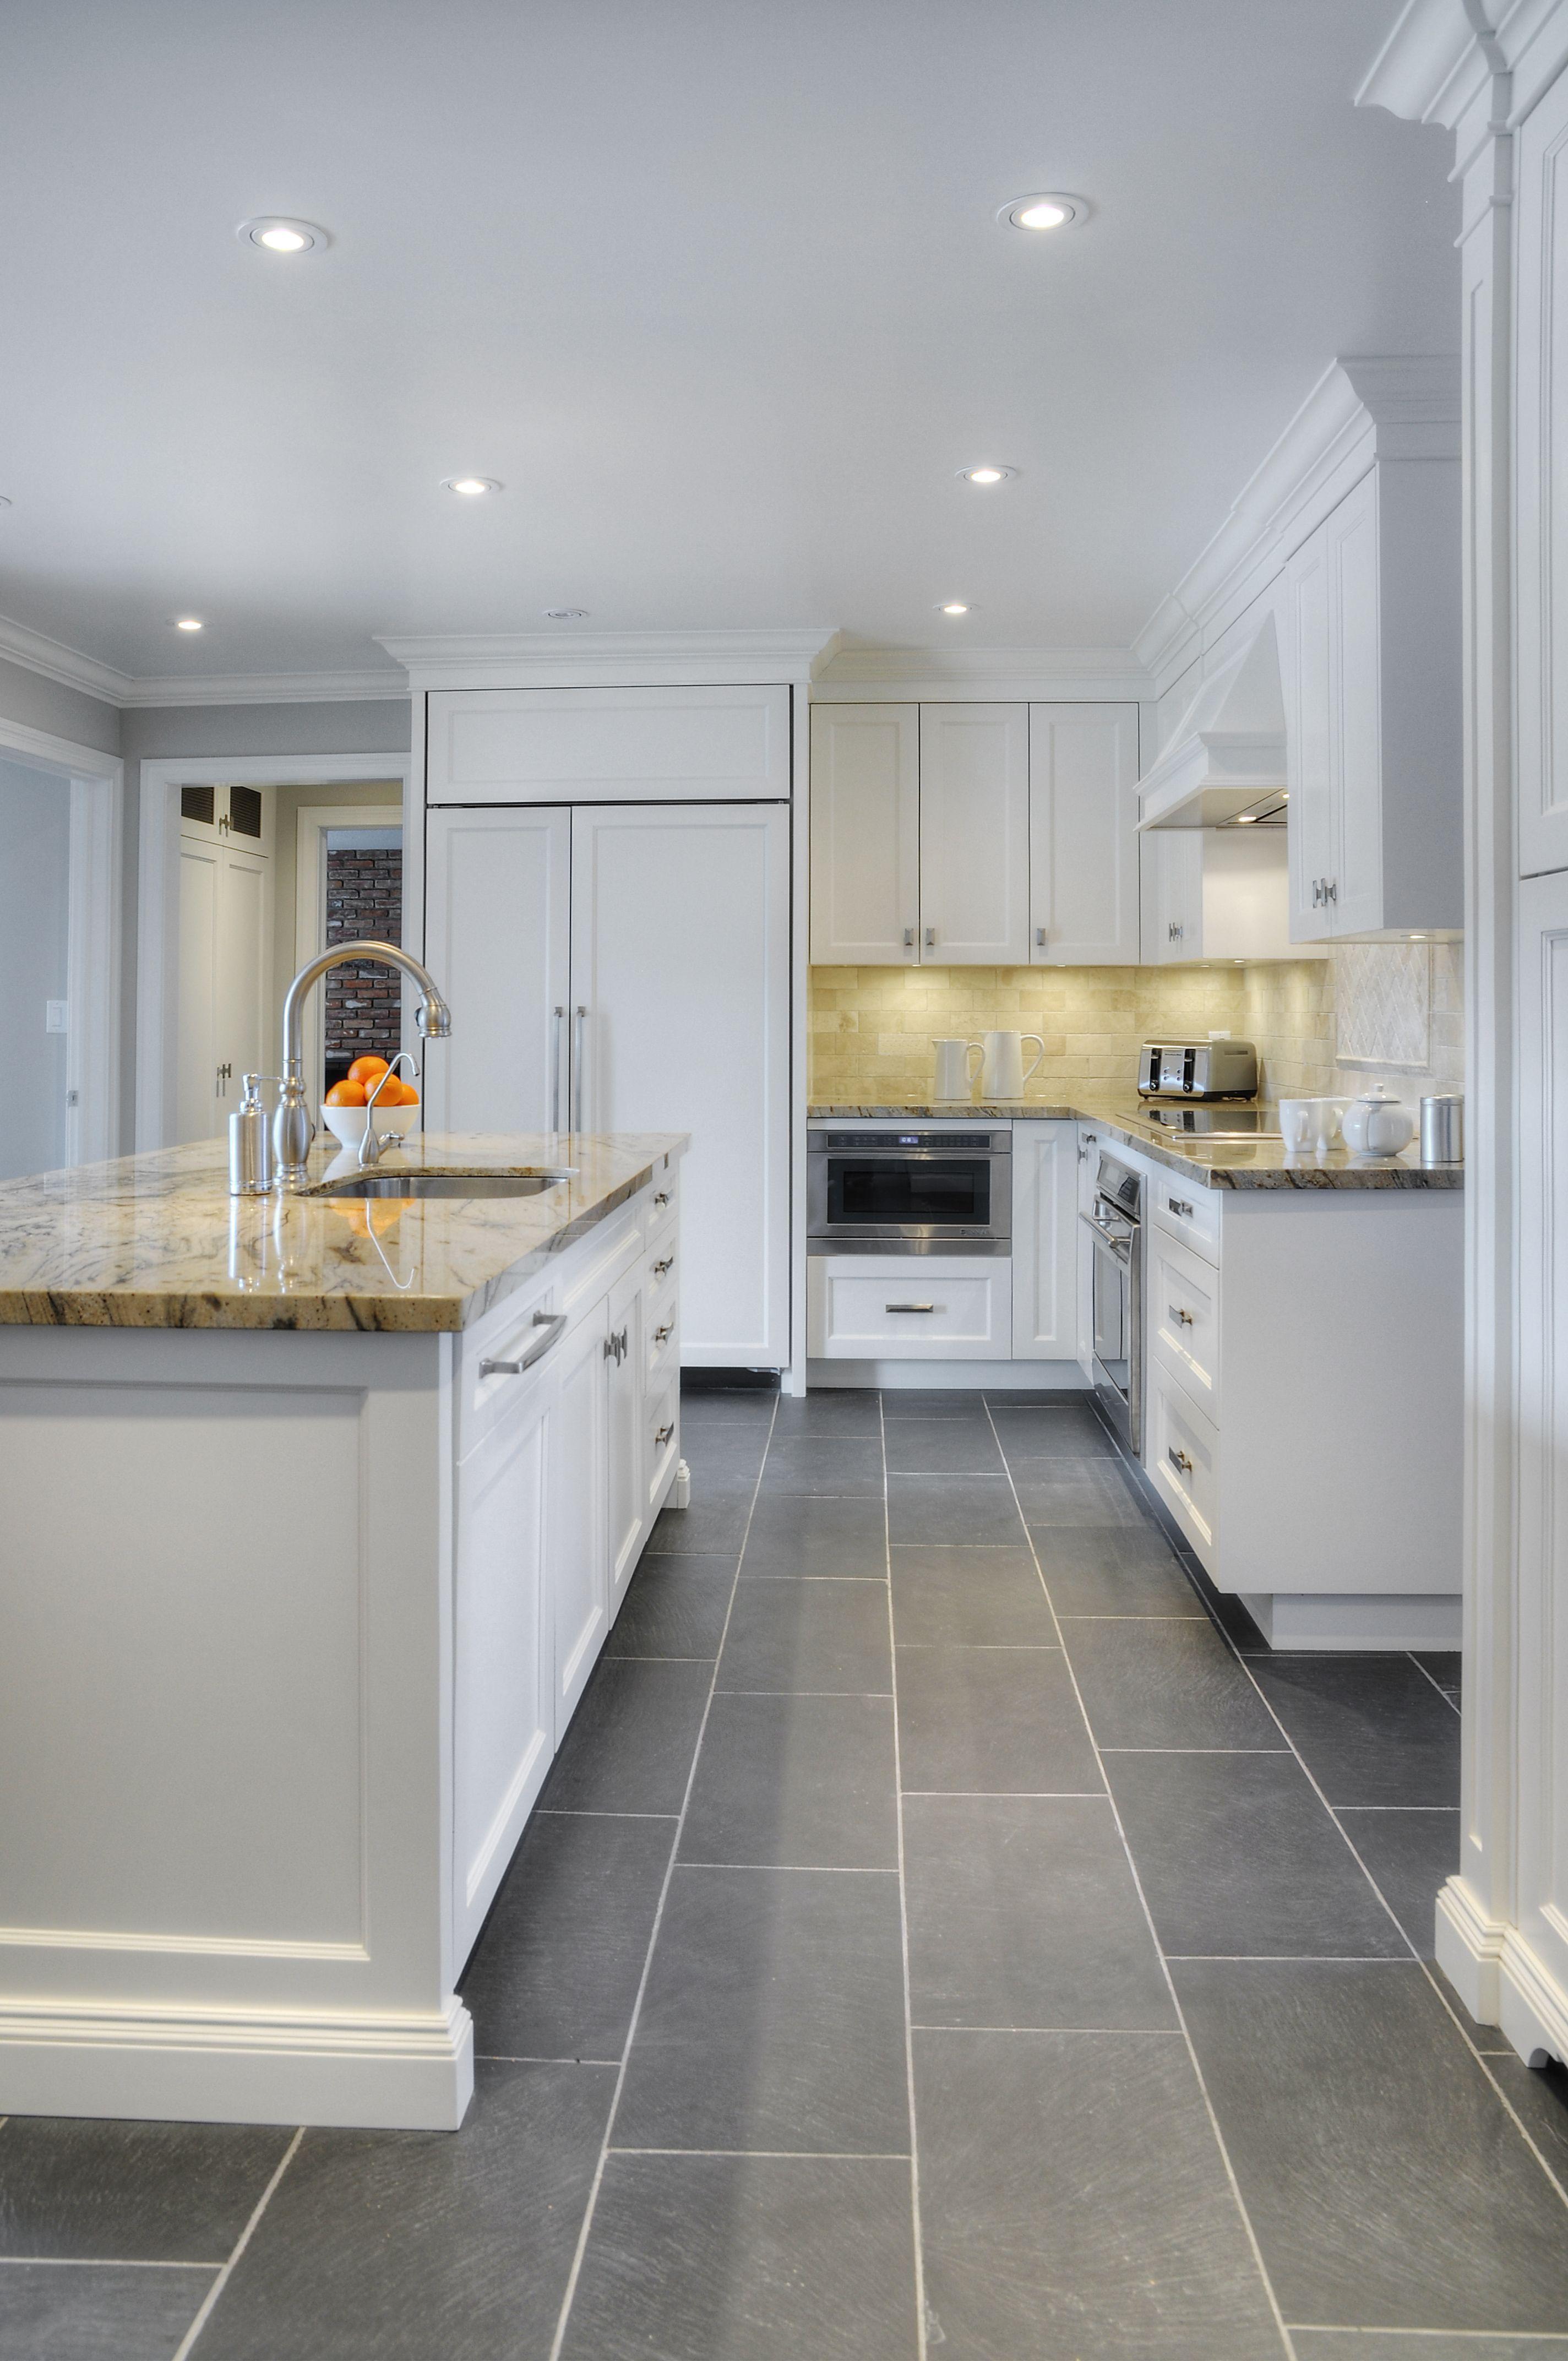 Kitchen Decor Traditional Storage Ideas kitchen decor table ...